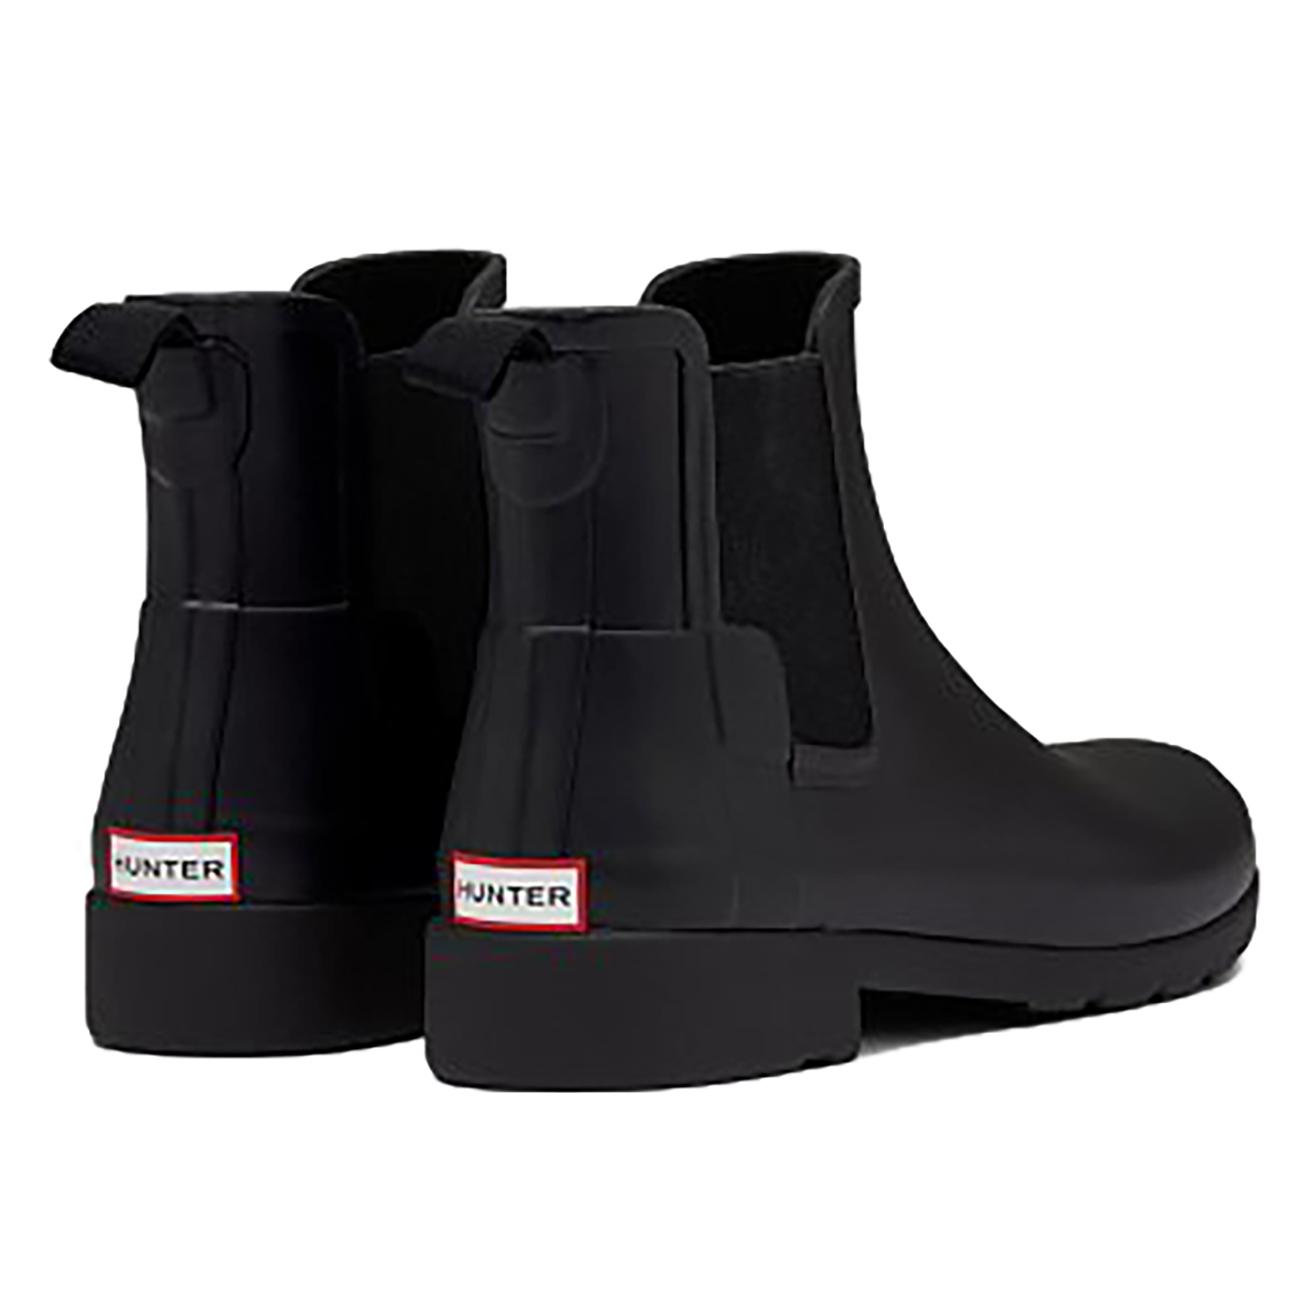 086e93990 Womens Hunter Original Chelsea Refined Waterproof Rubber Rain Ankle ...